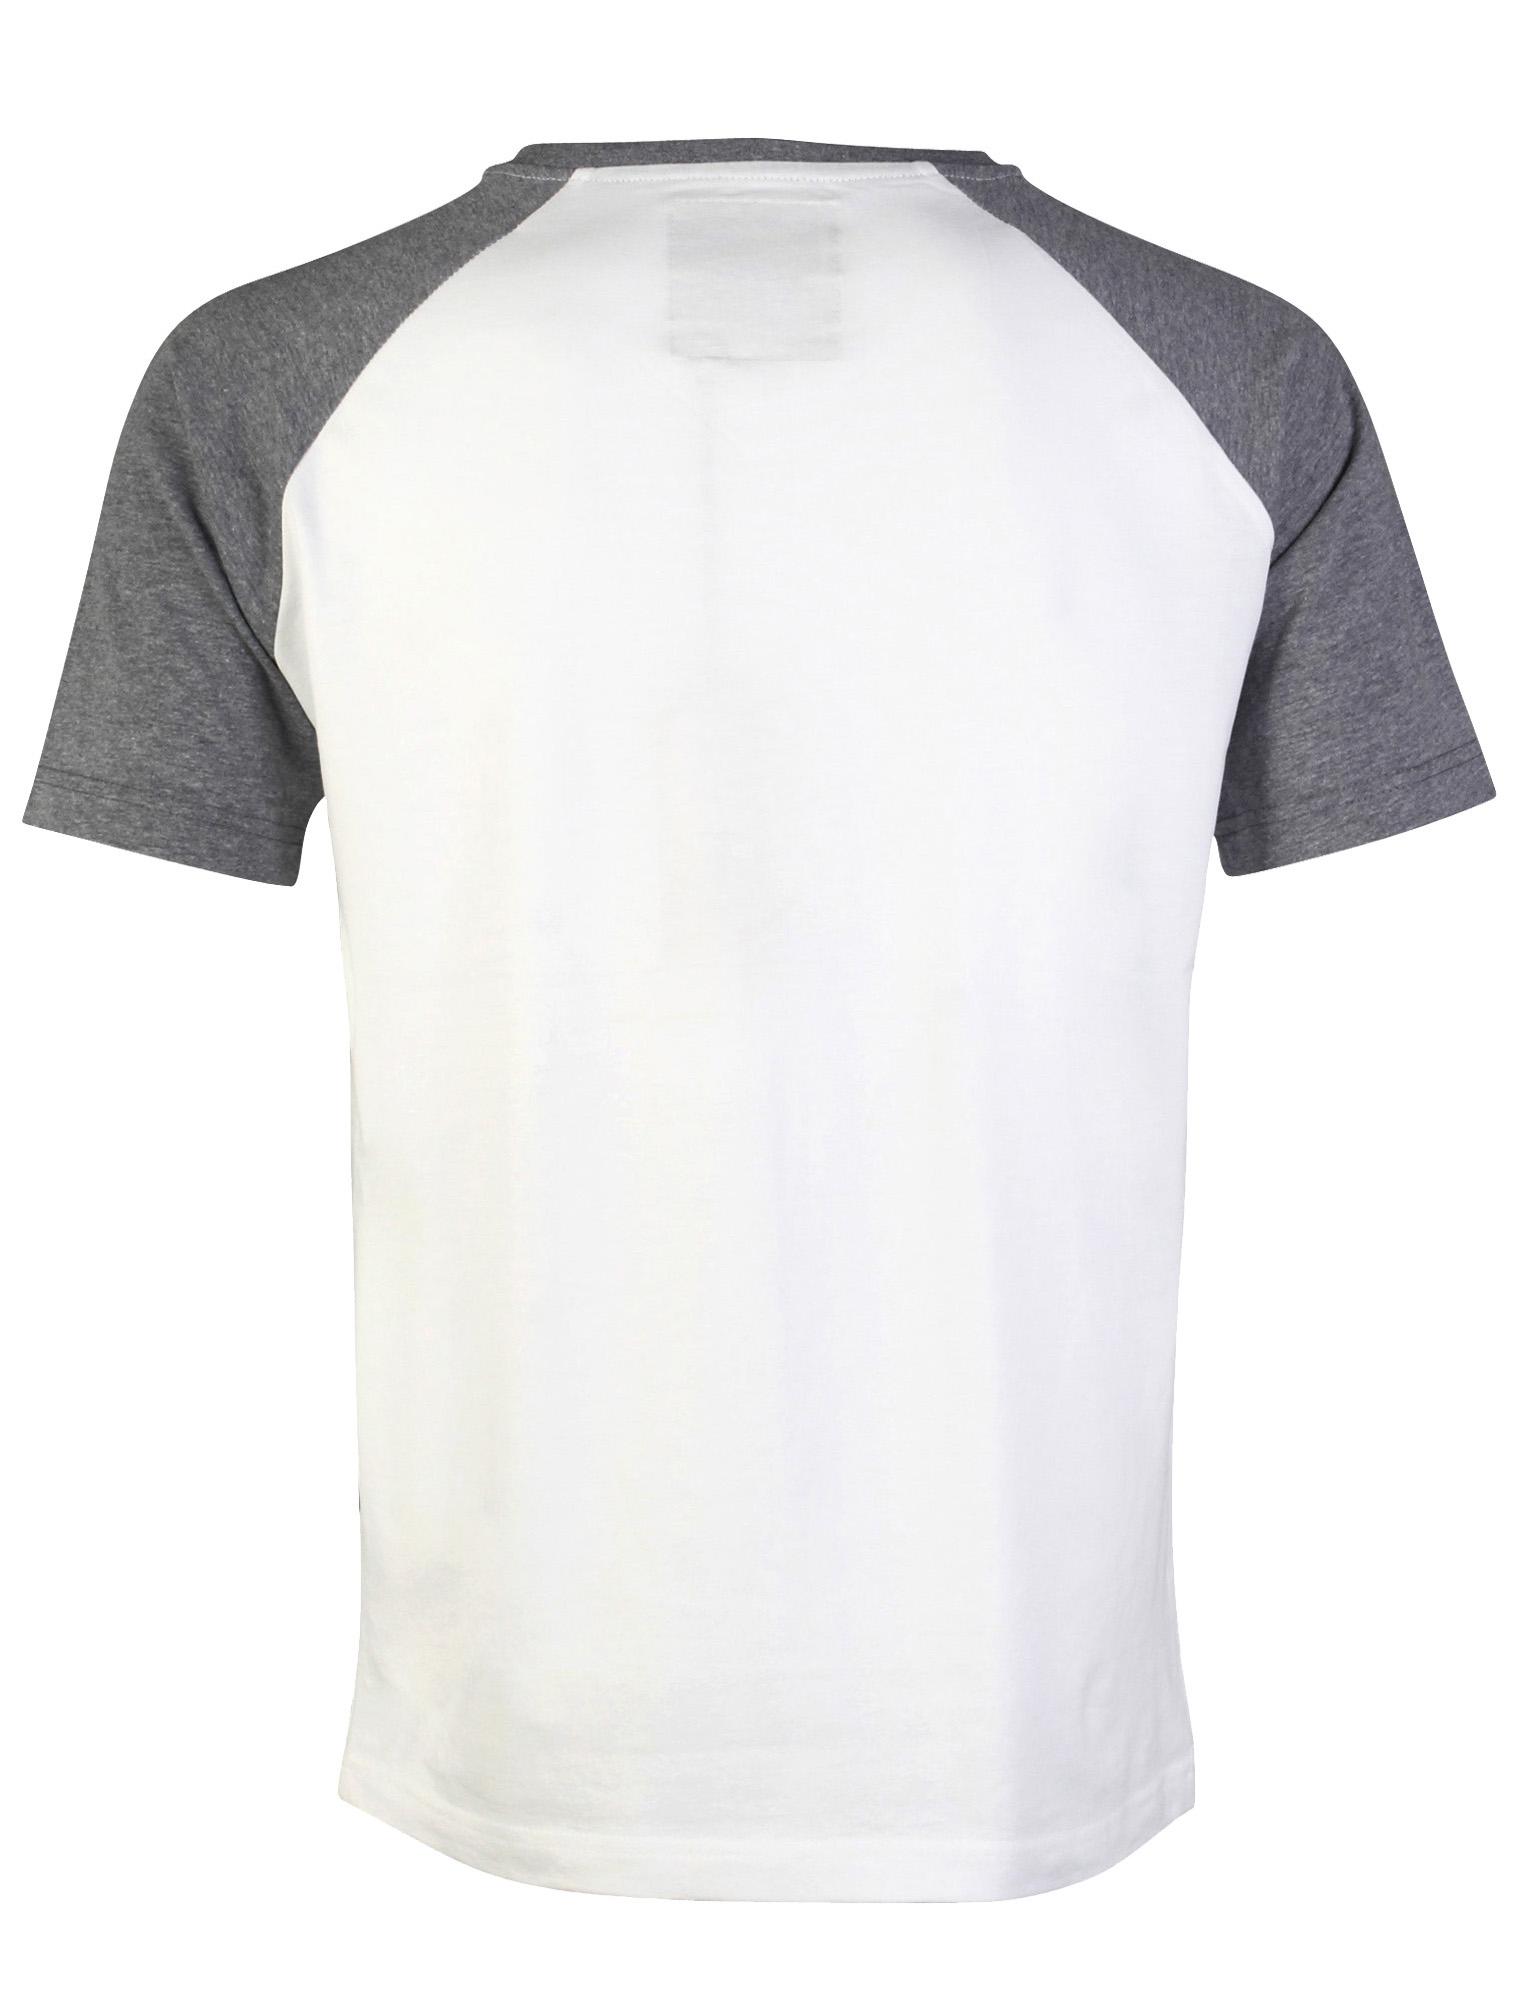 Nouveau Homme Dissident Richard col V à manches courtes coton Contraste T-shirt Taille S-M